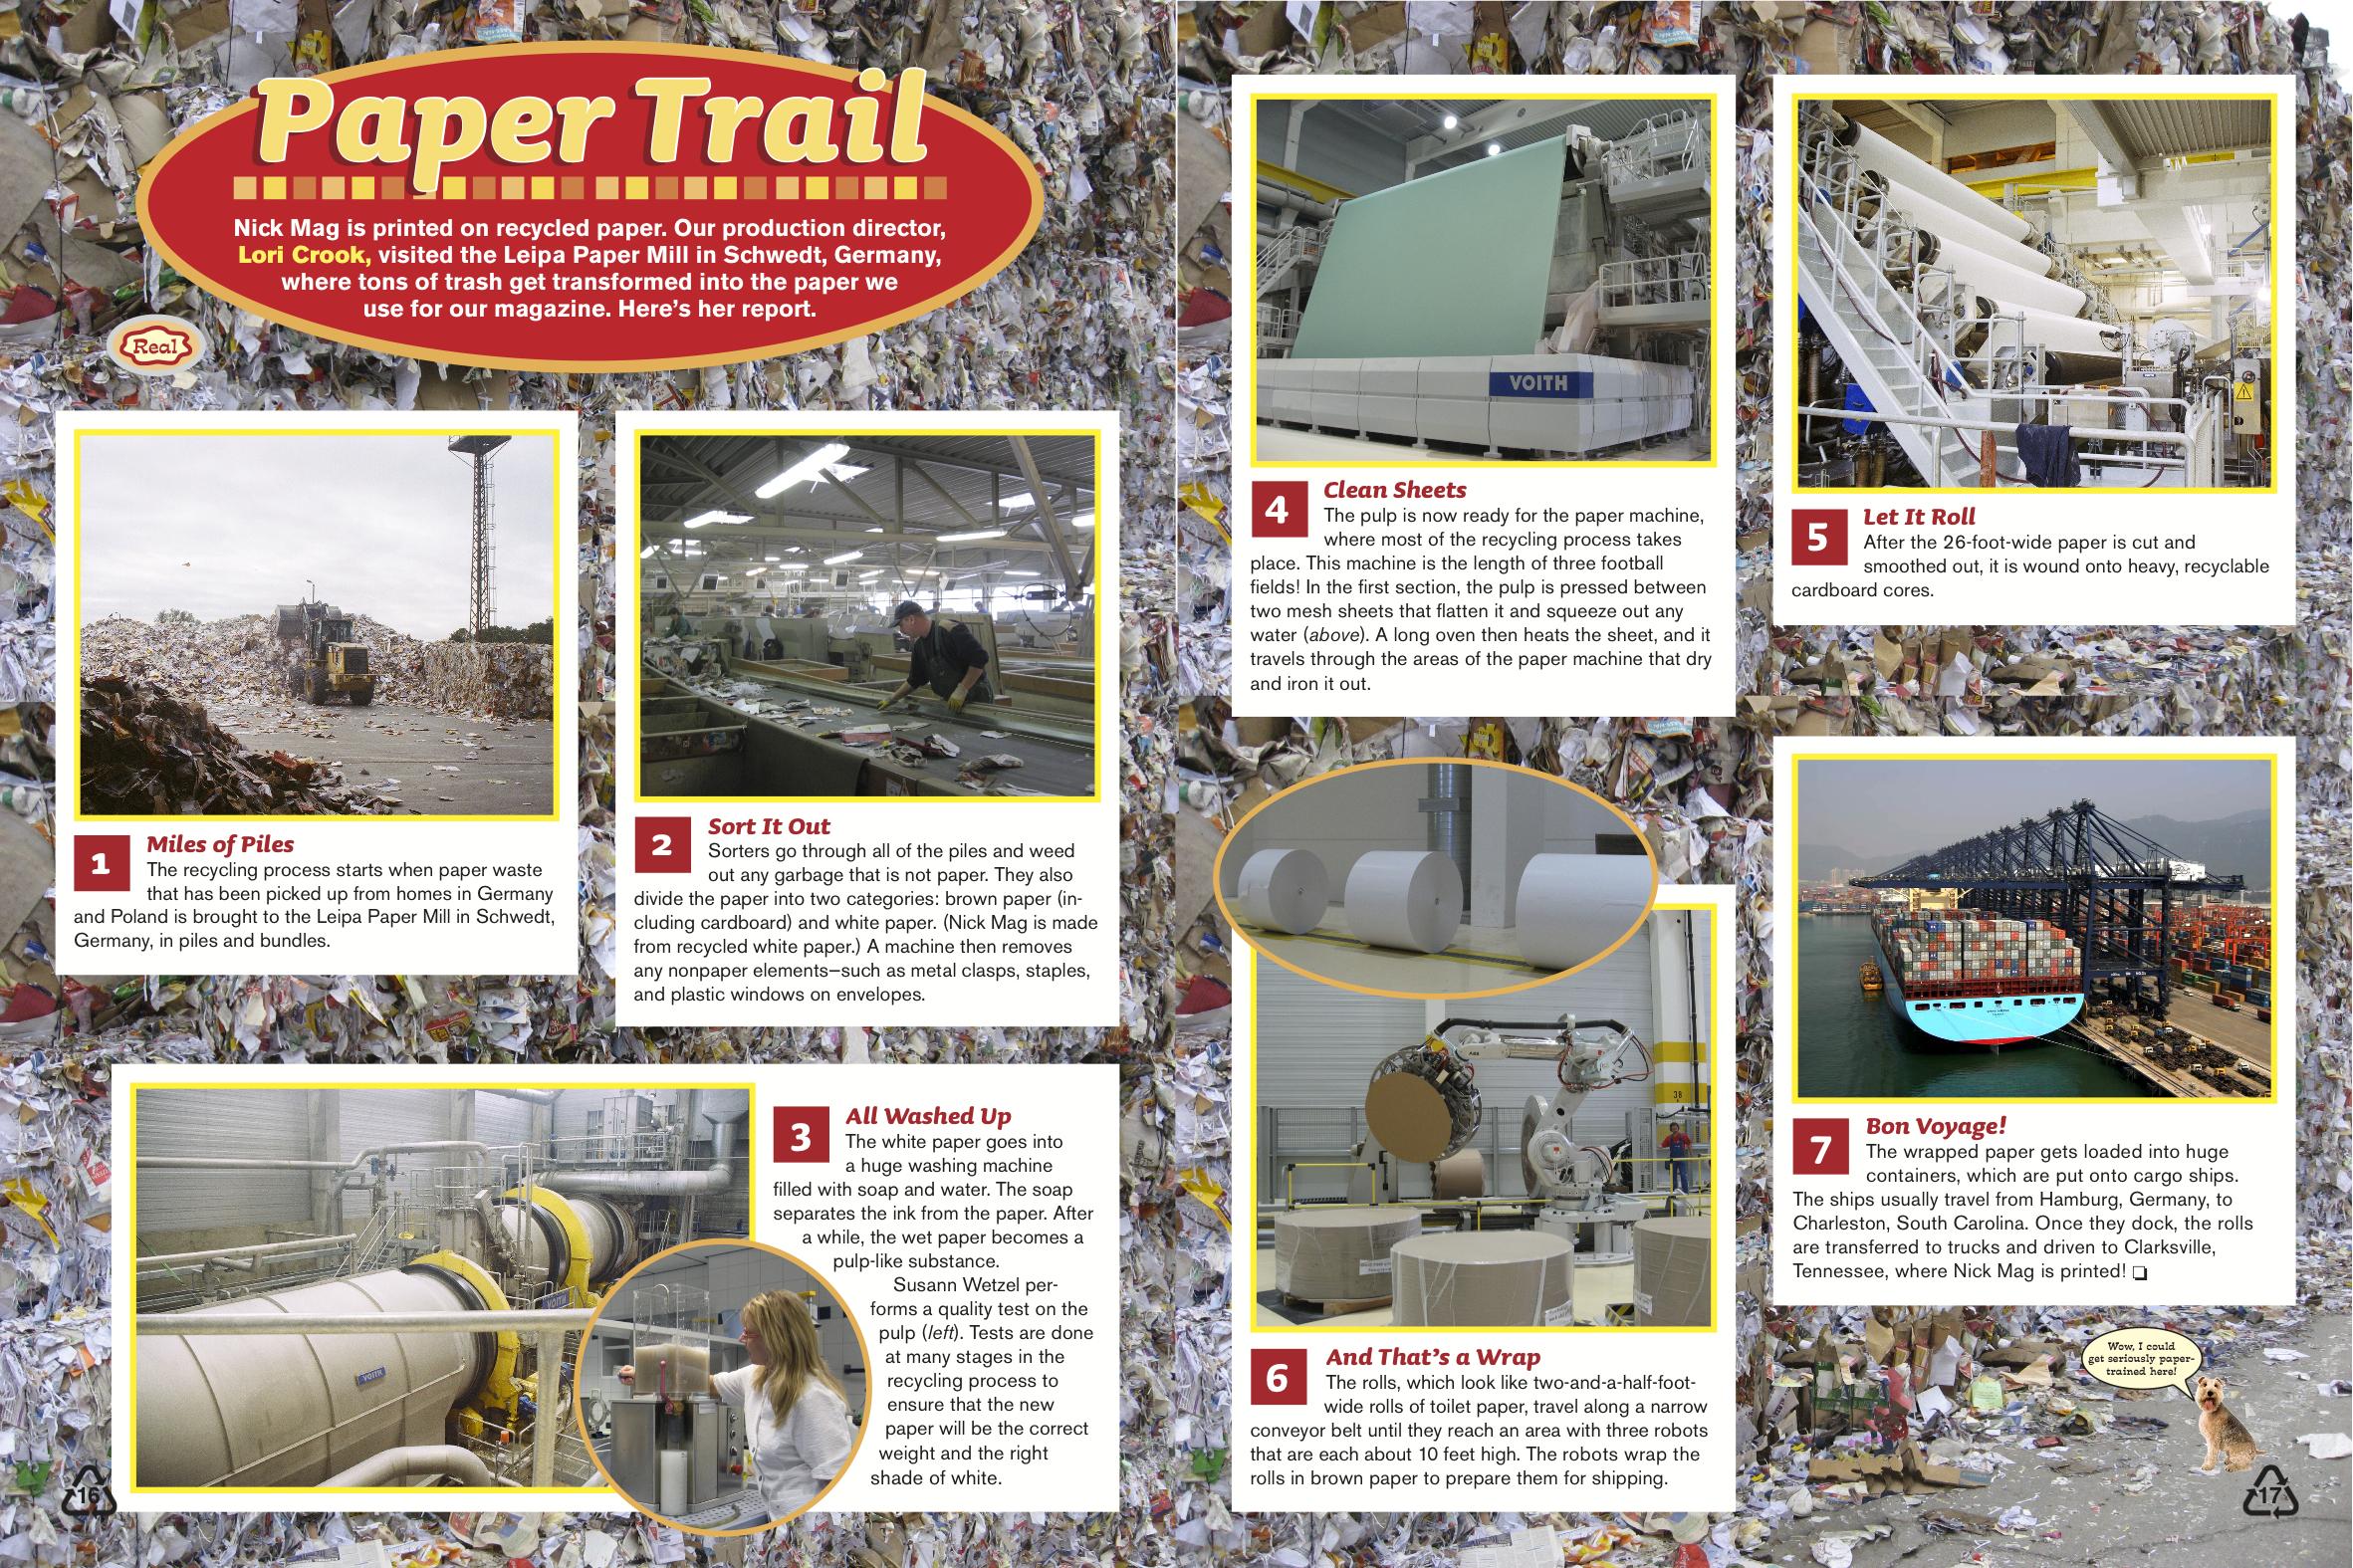 NickelodeonMagazine_Paper Trail.jpg